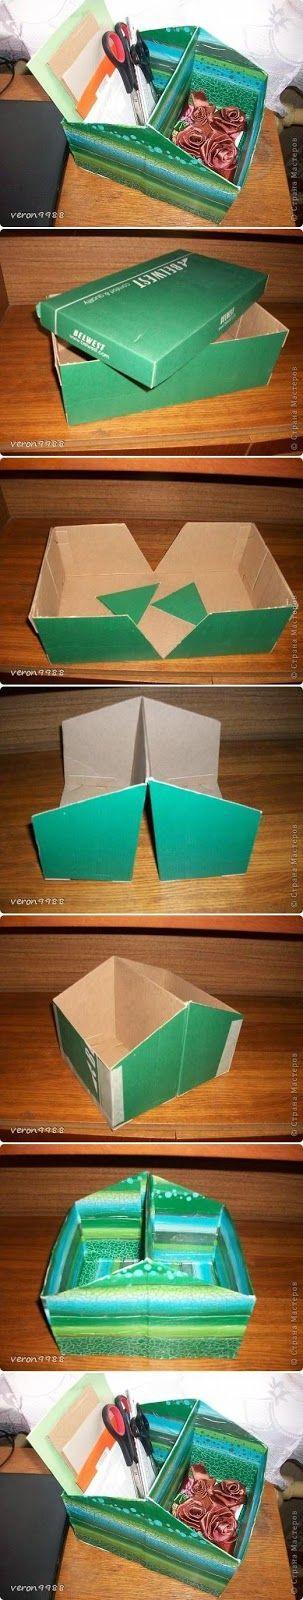 donneinpink magazine: Riciclare le scatole delle scarpe - Riciclo scatole - 14 tutorial dal web